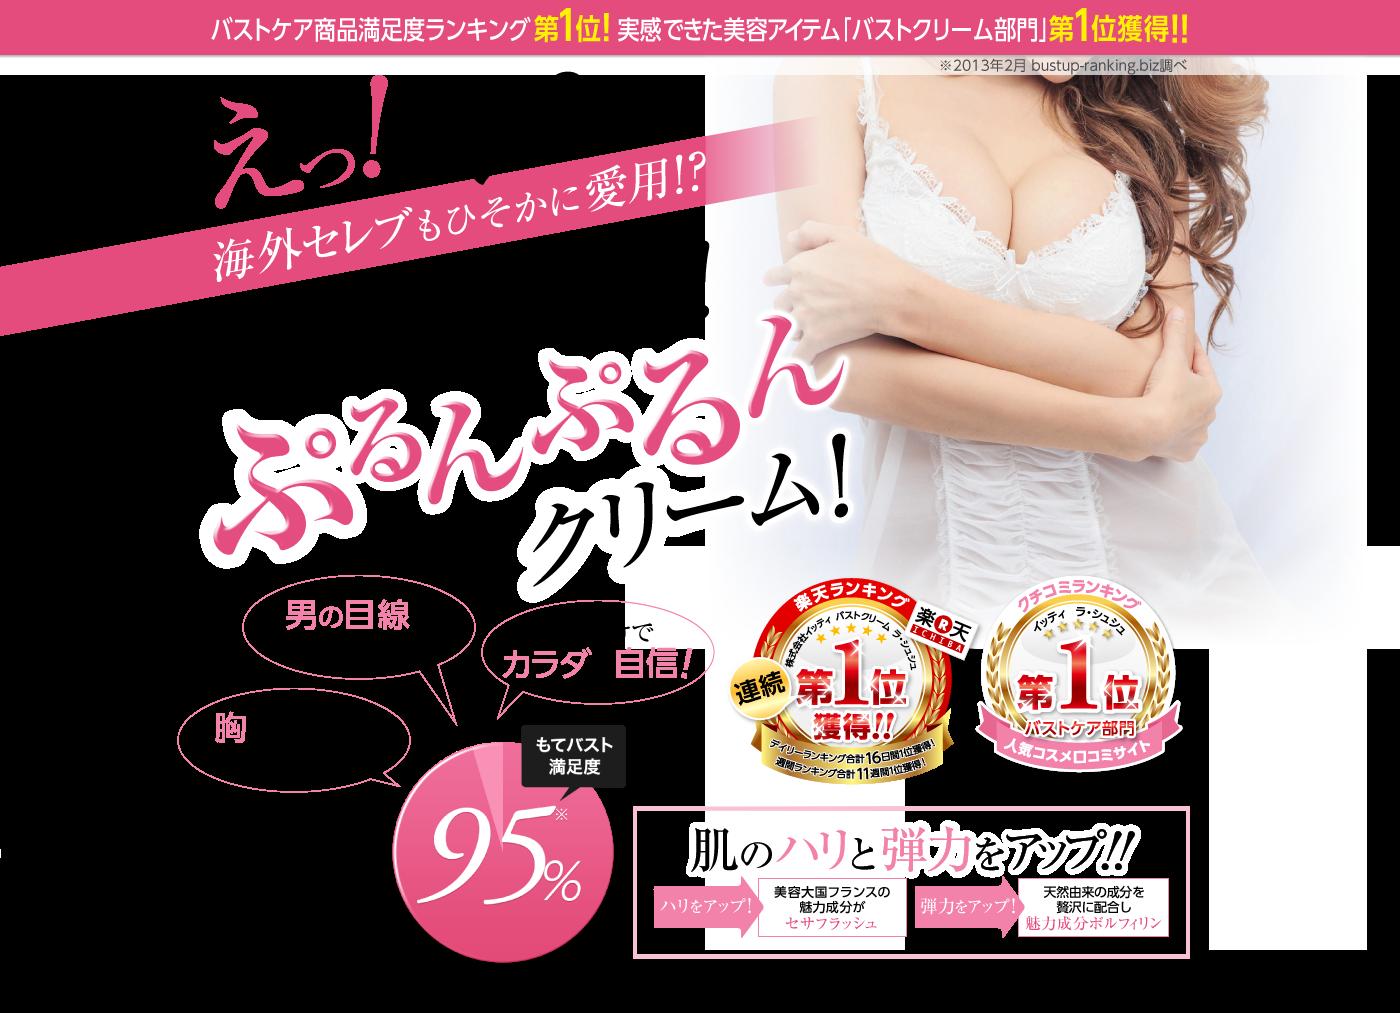 藤井リナ美バストの秘密ついに公開